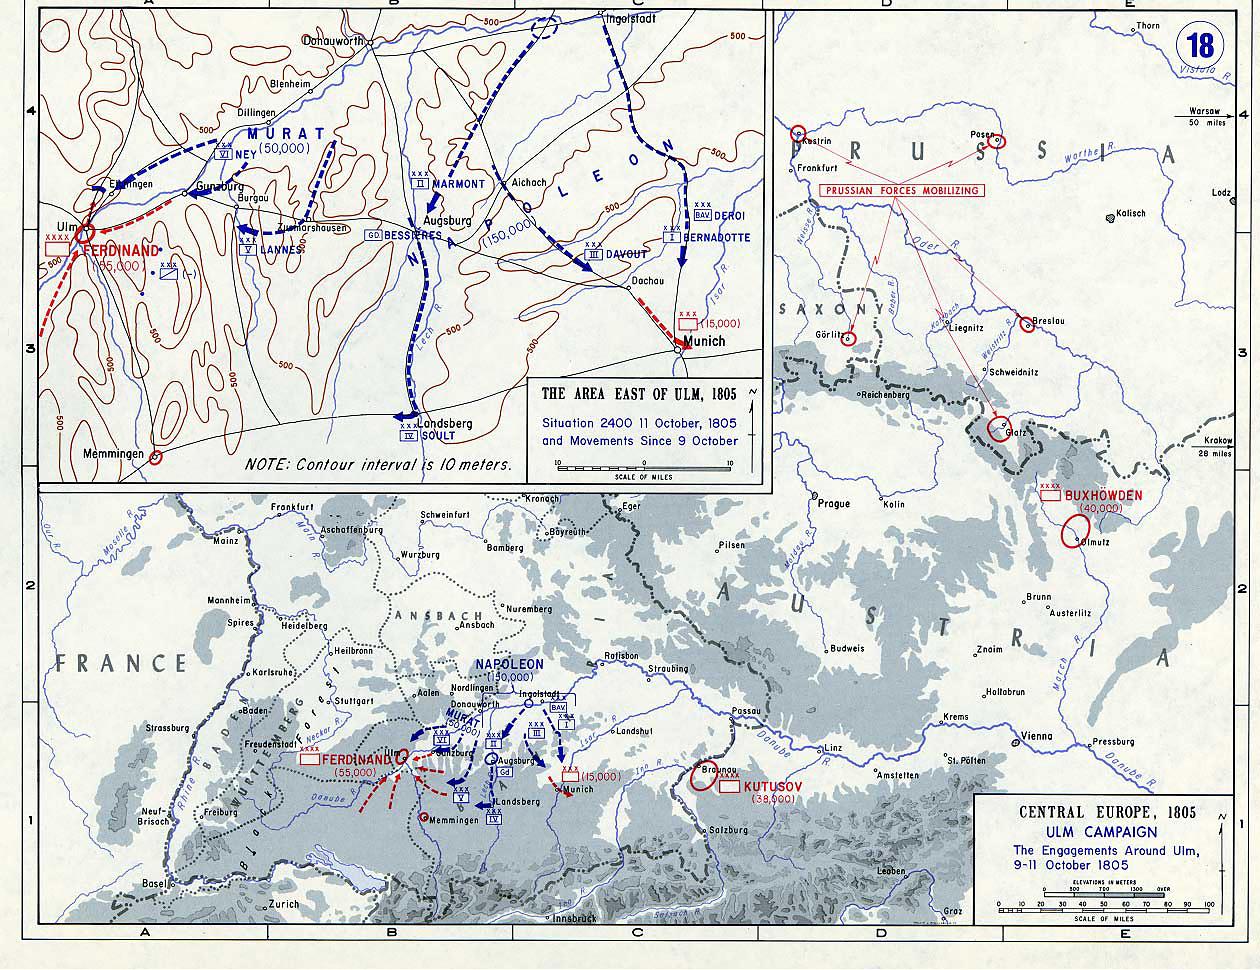 Ульмская кампания - бои вокруг Ульма, 9-11 октября 1805 г., карта